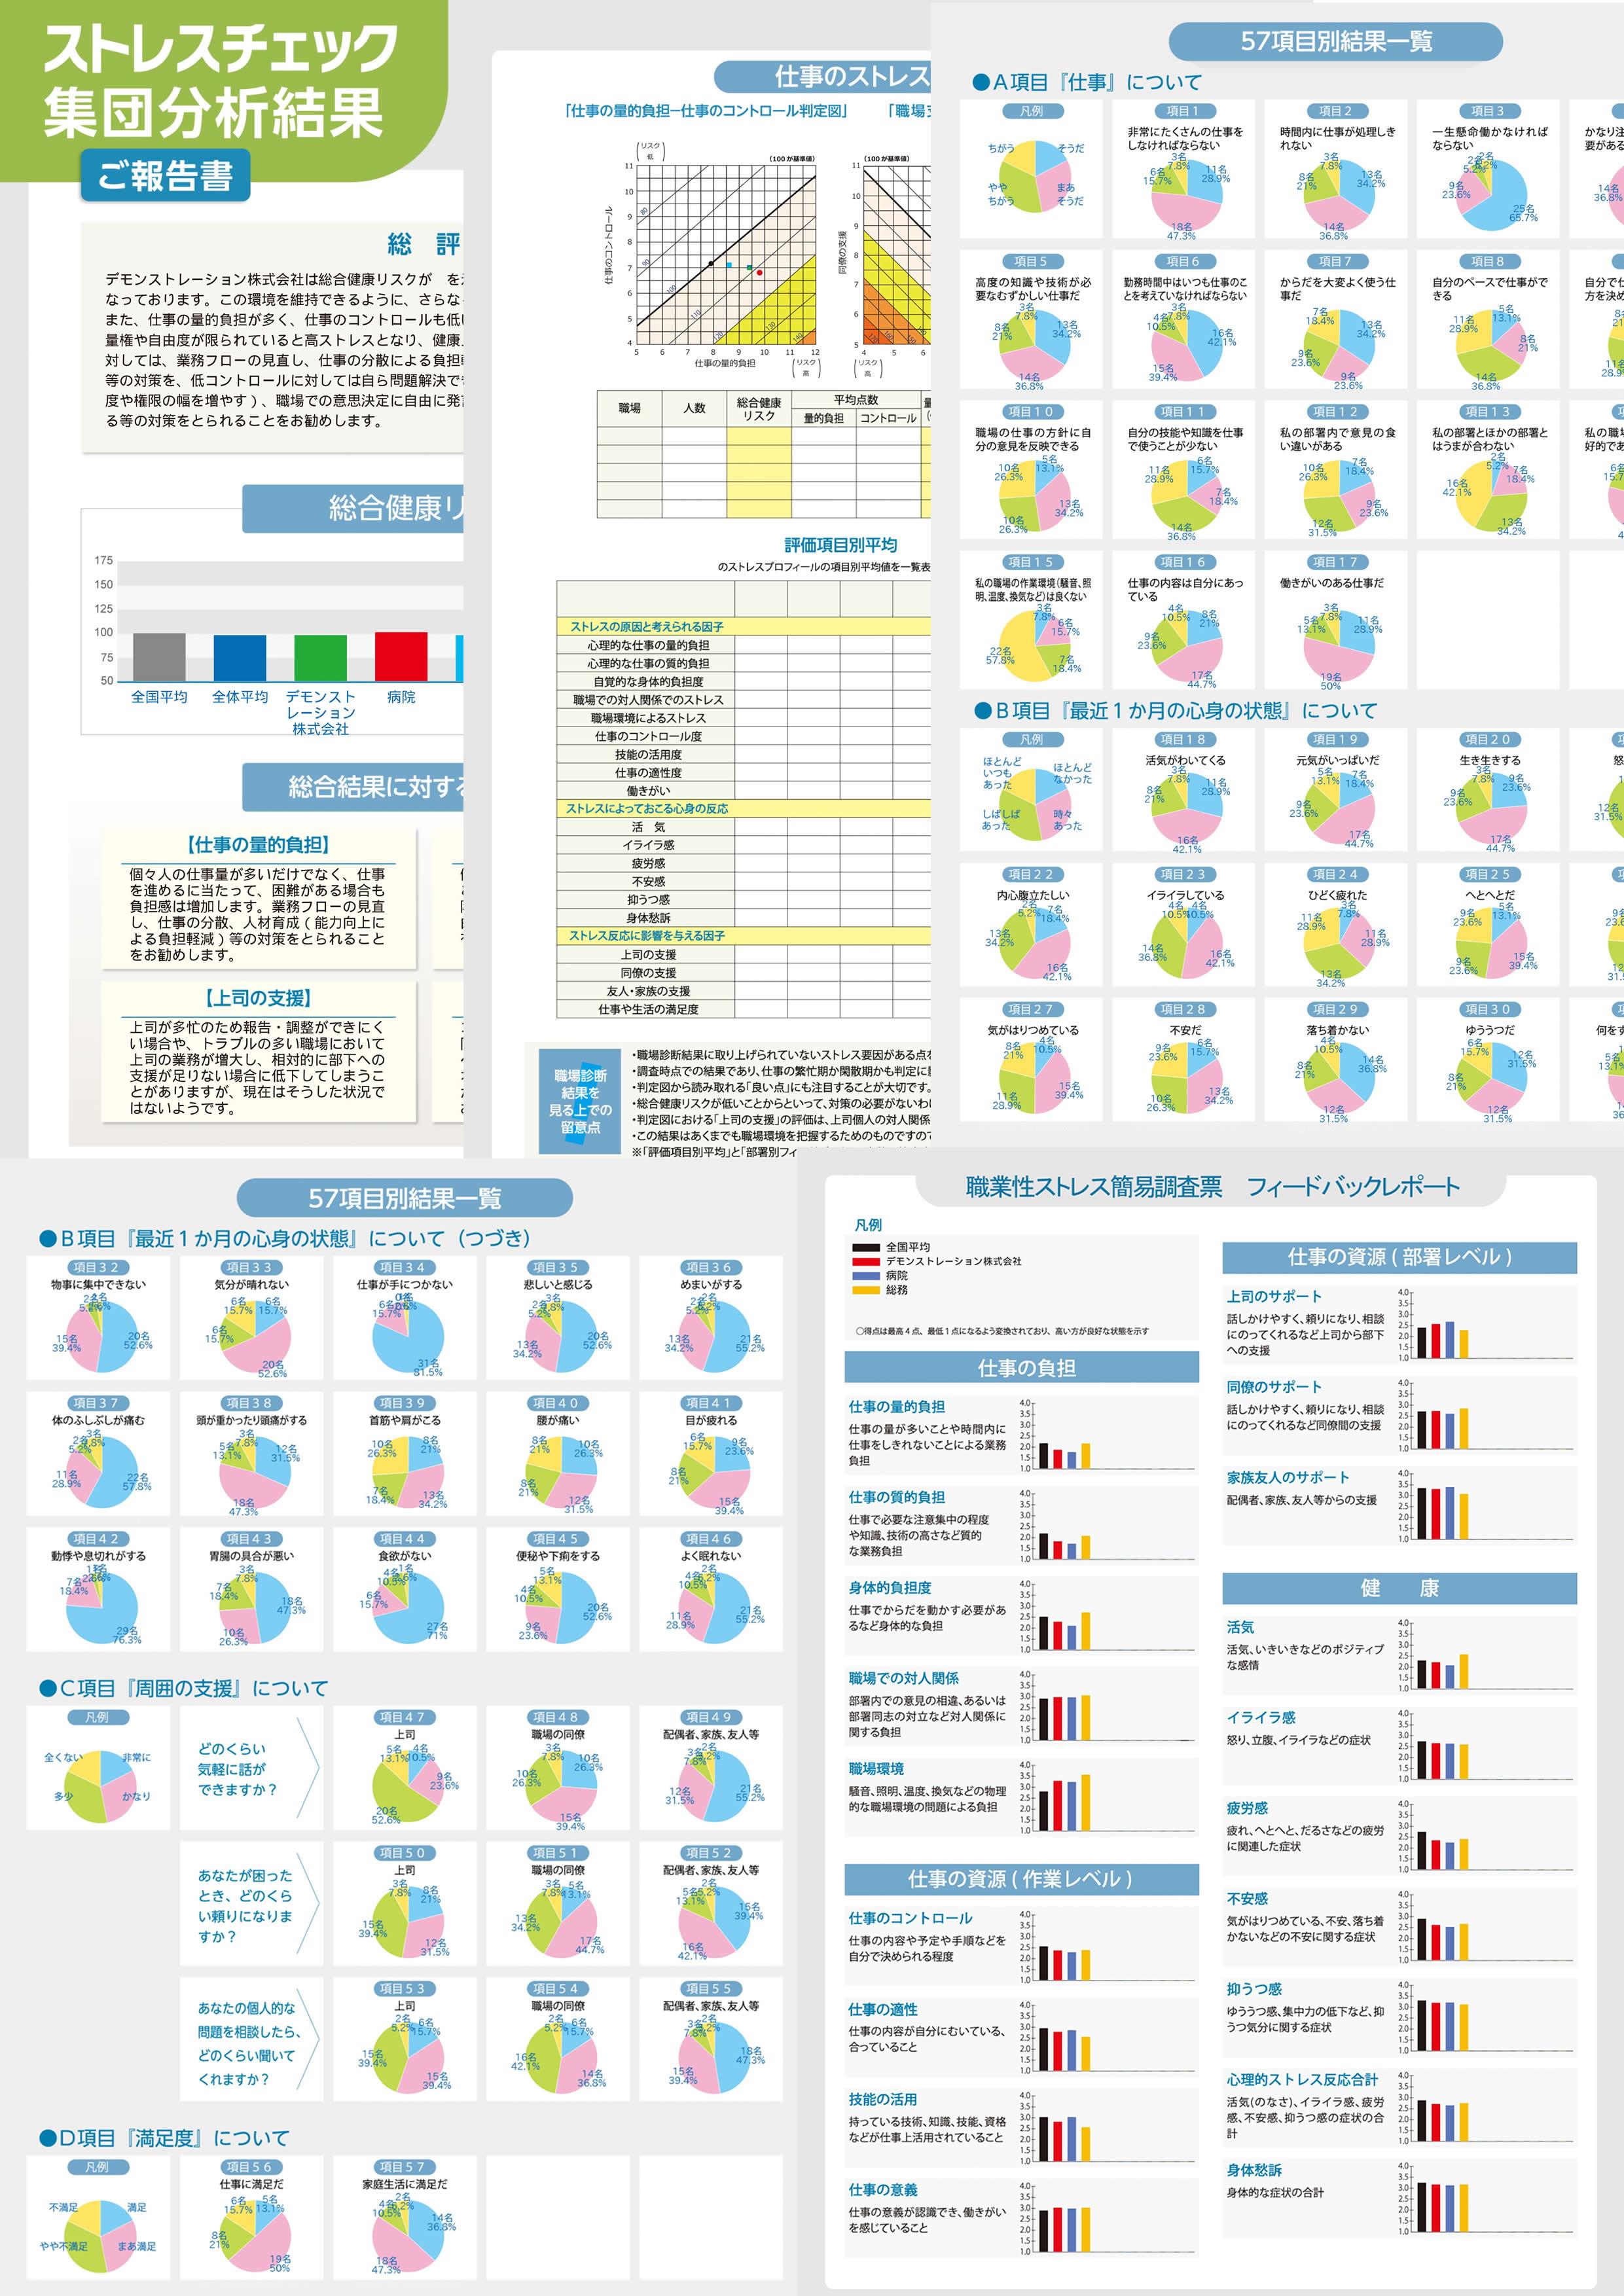 集団分析レポートイメージ